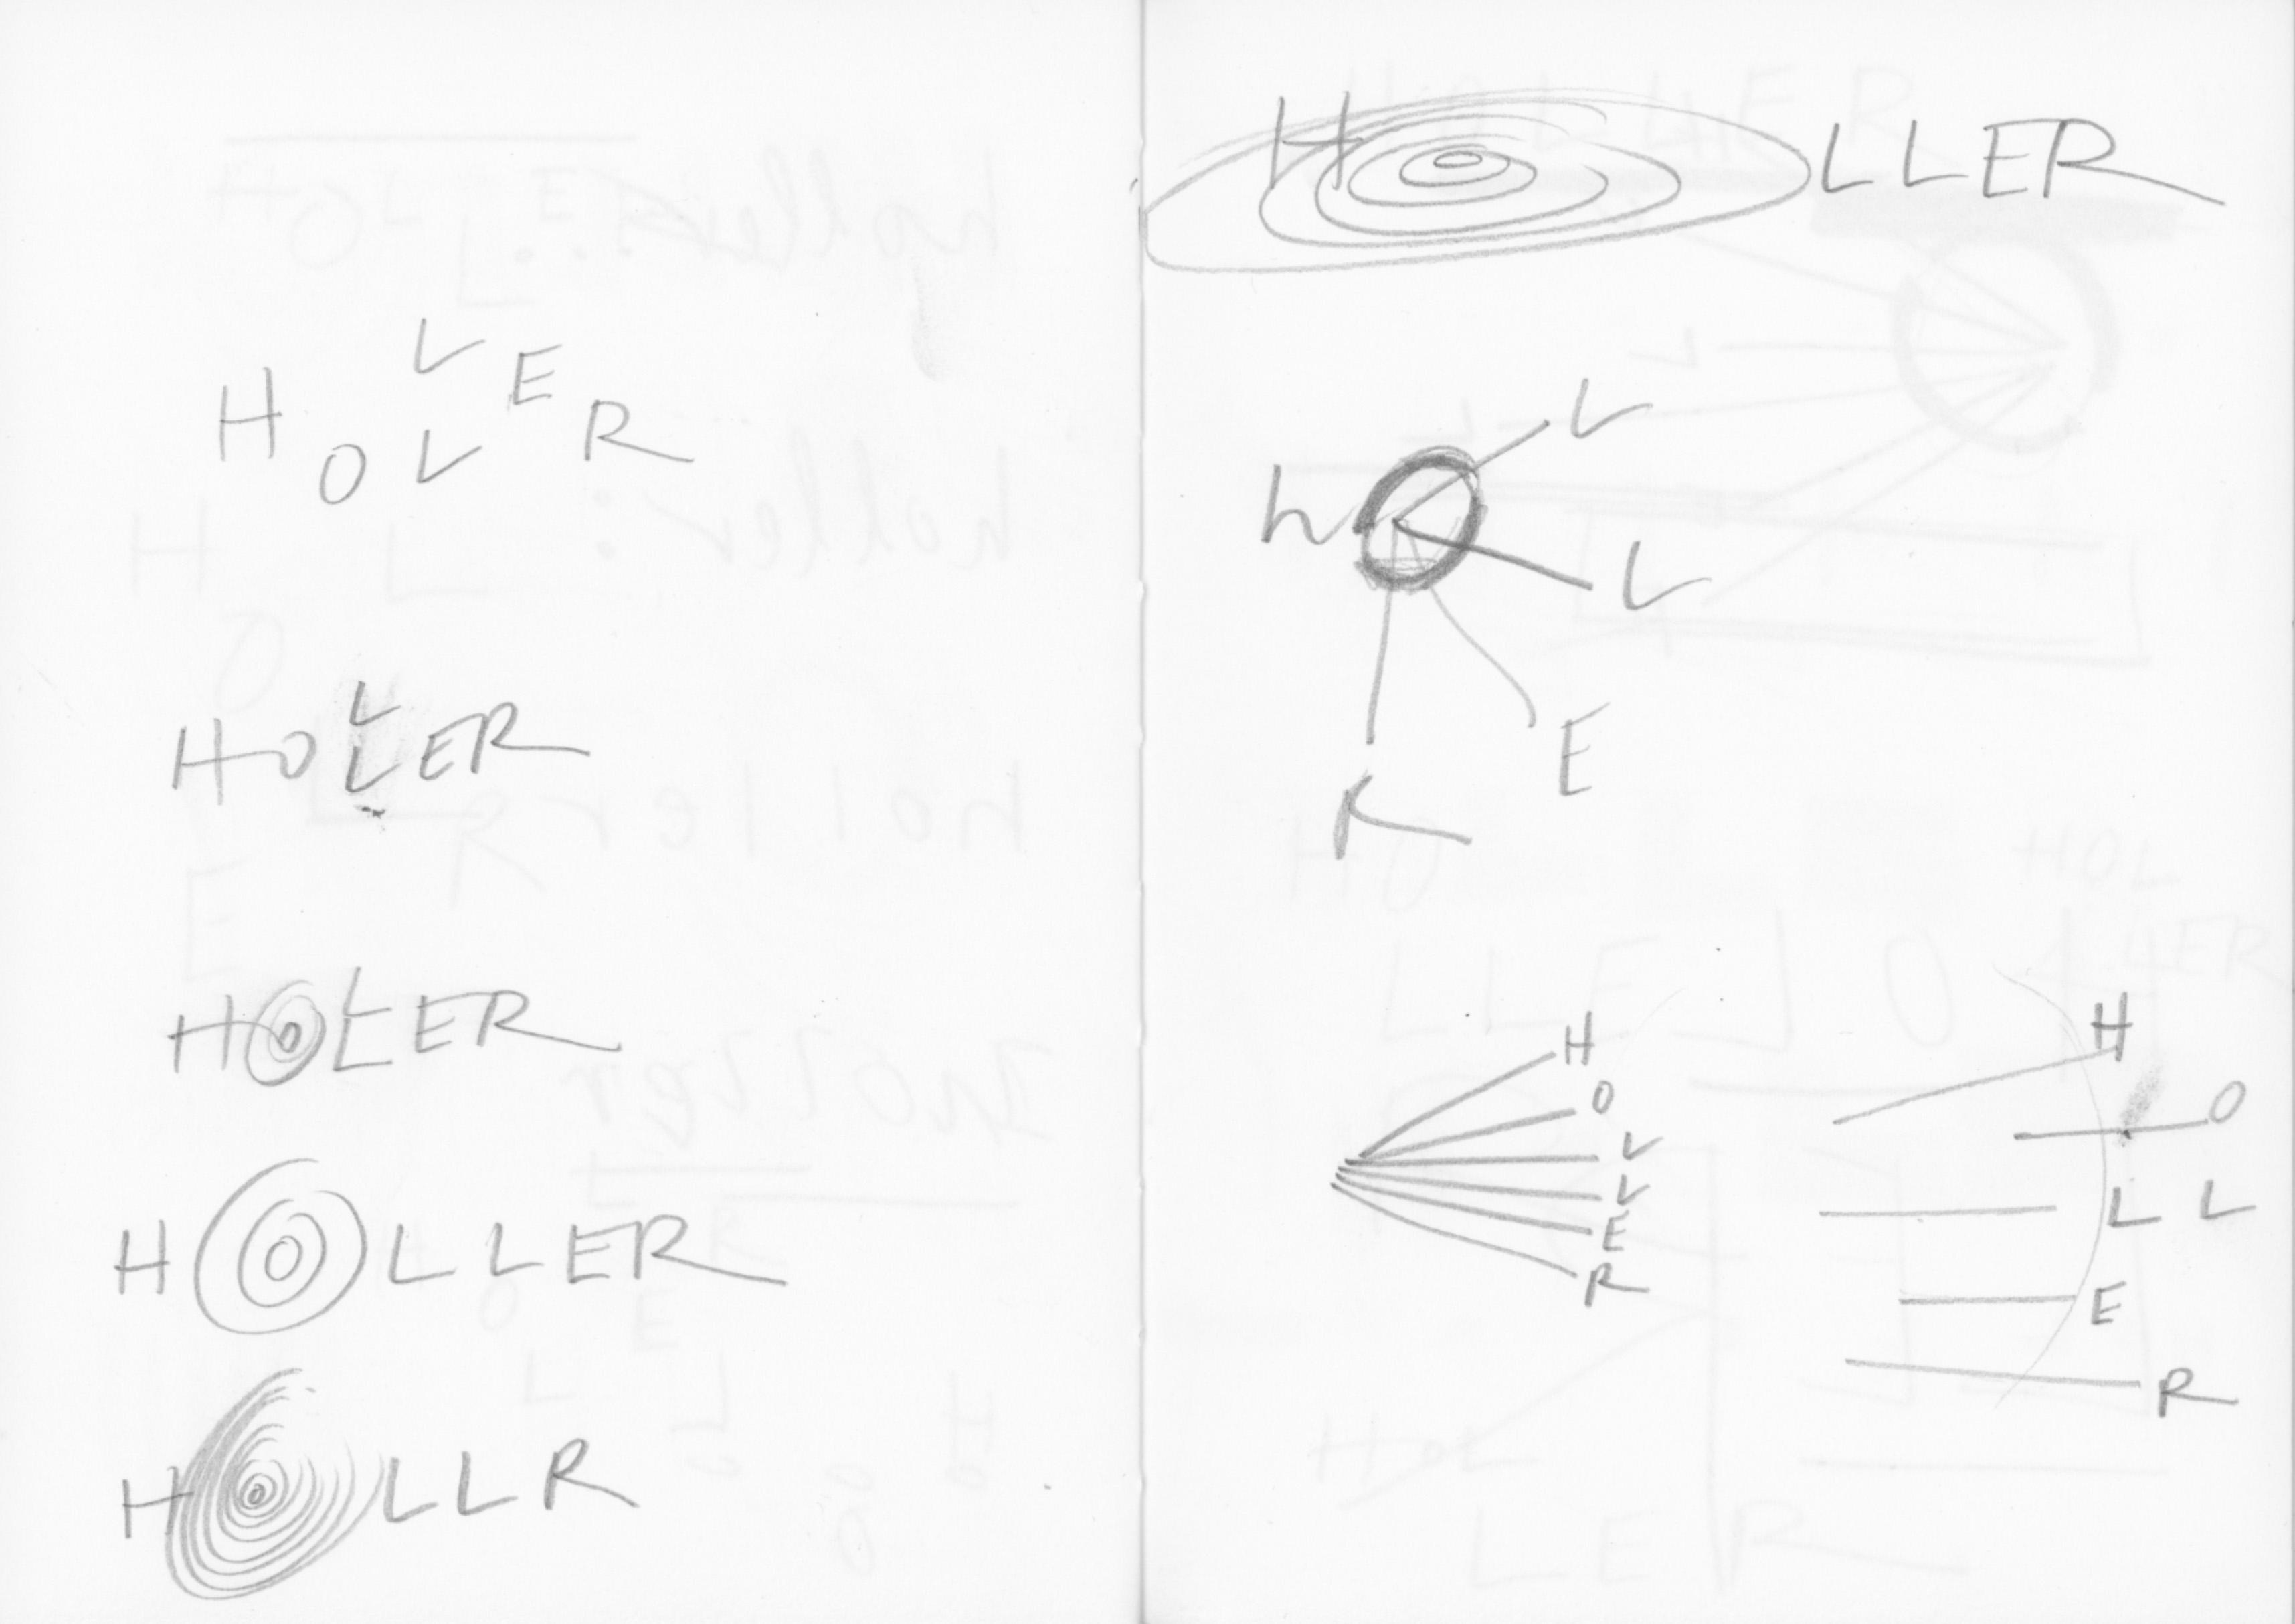 holler_prelim_sketches-4